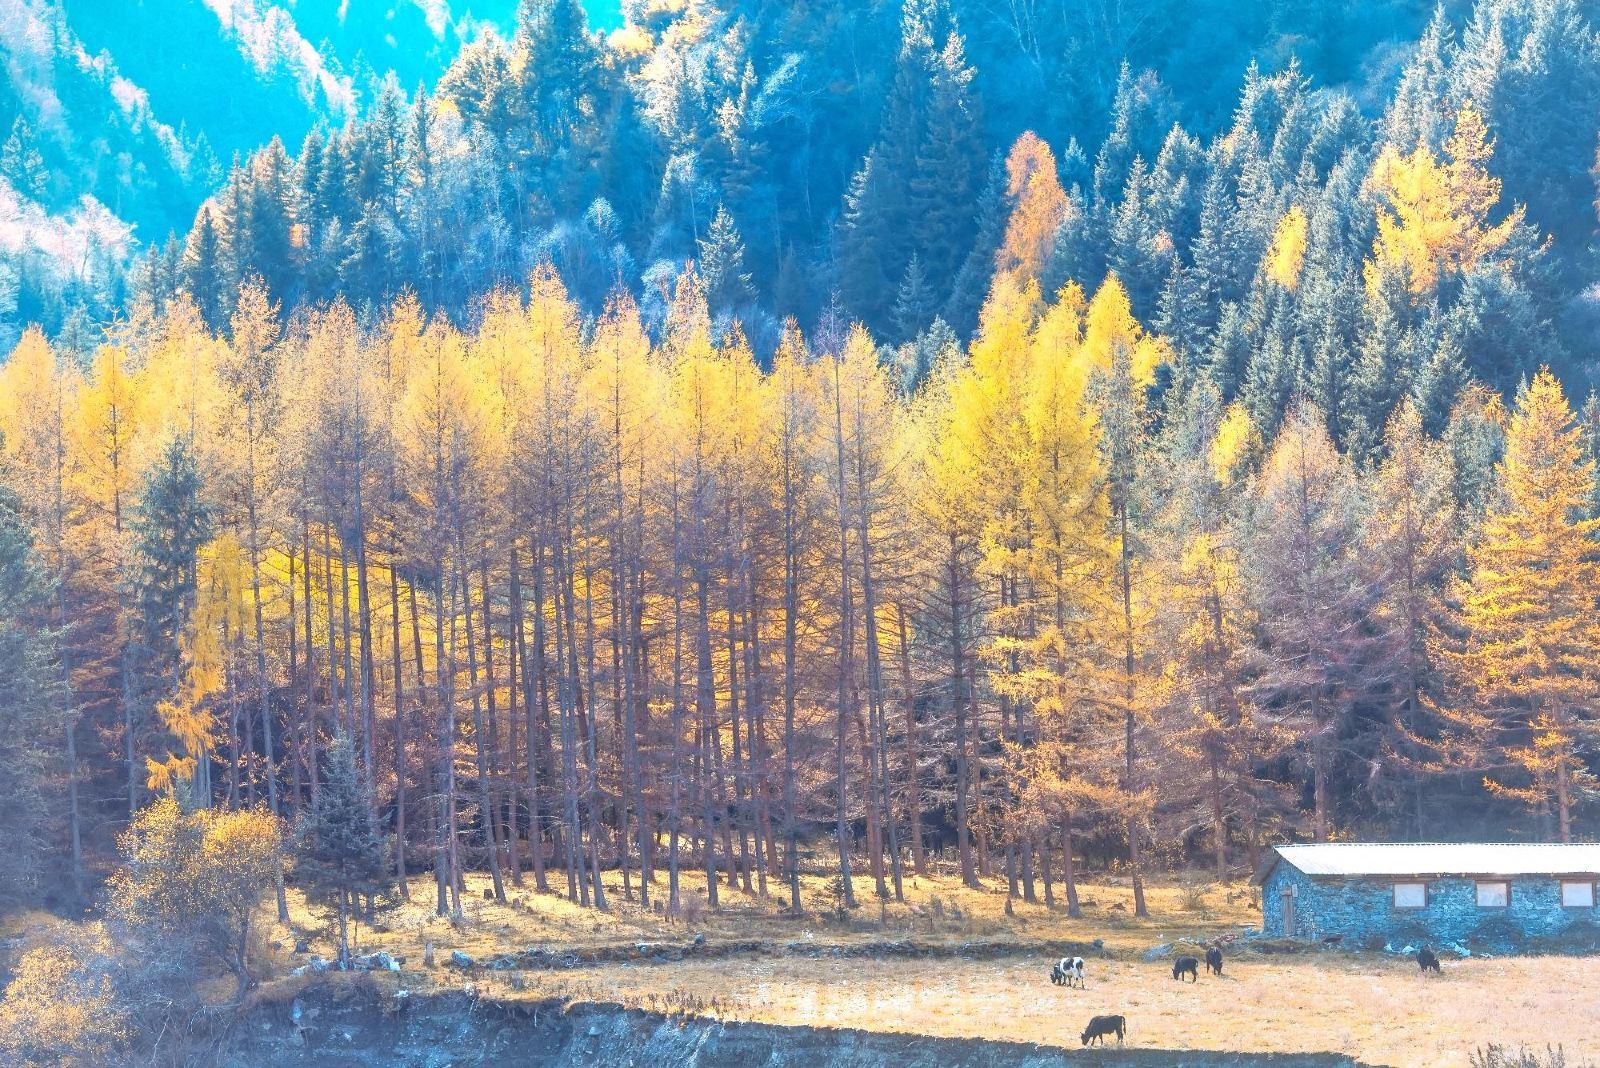 我国最大的红叶景区,相当于180个香山,这里藏着最美的秋天